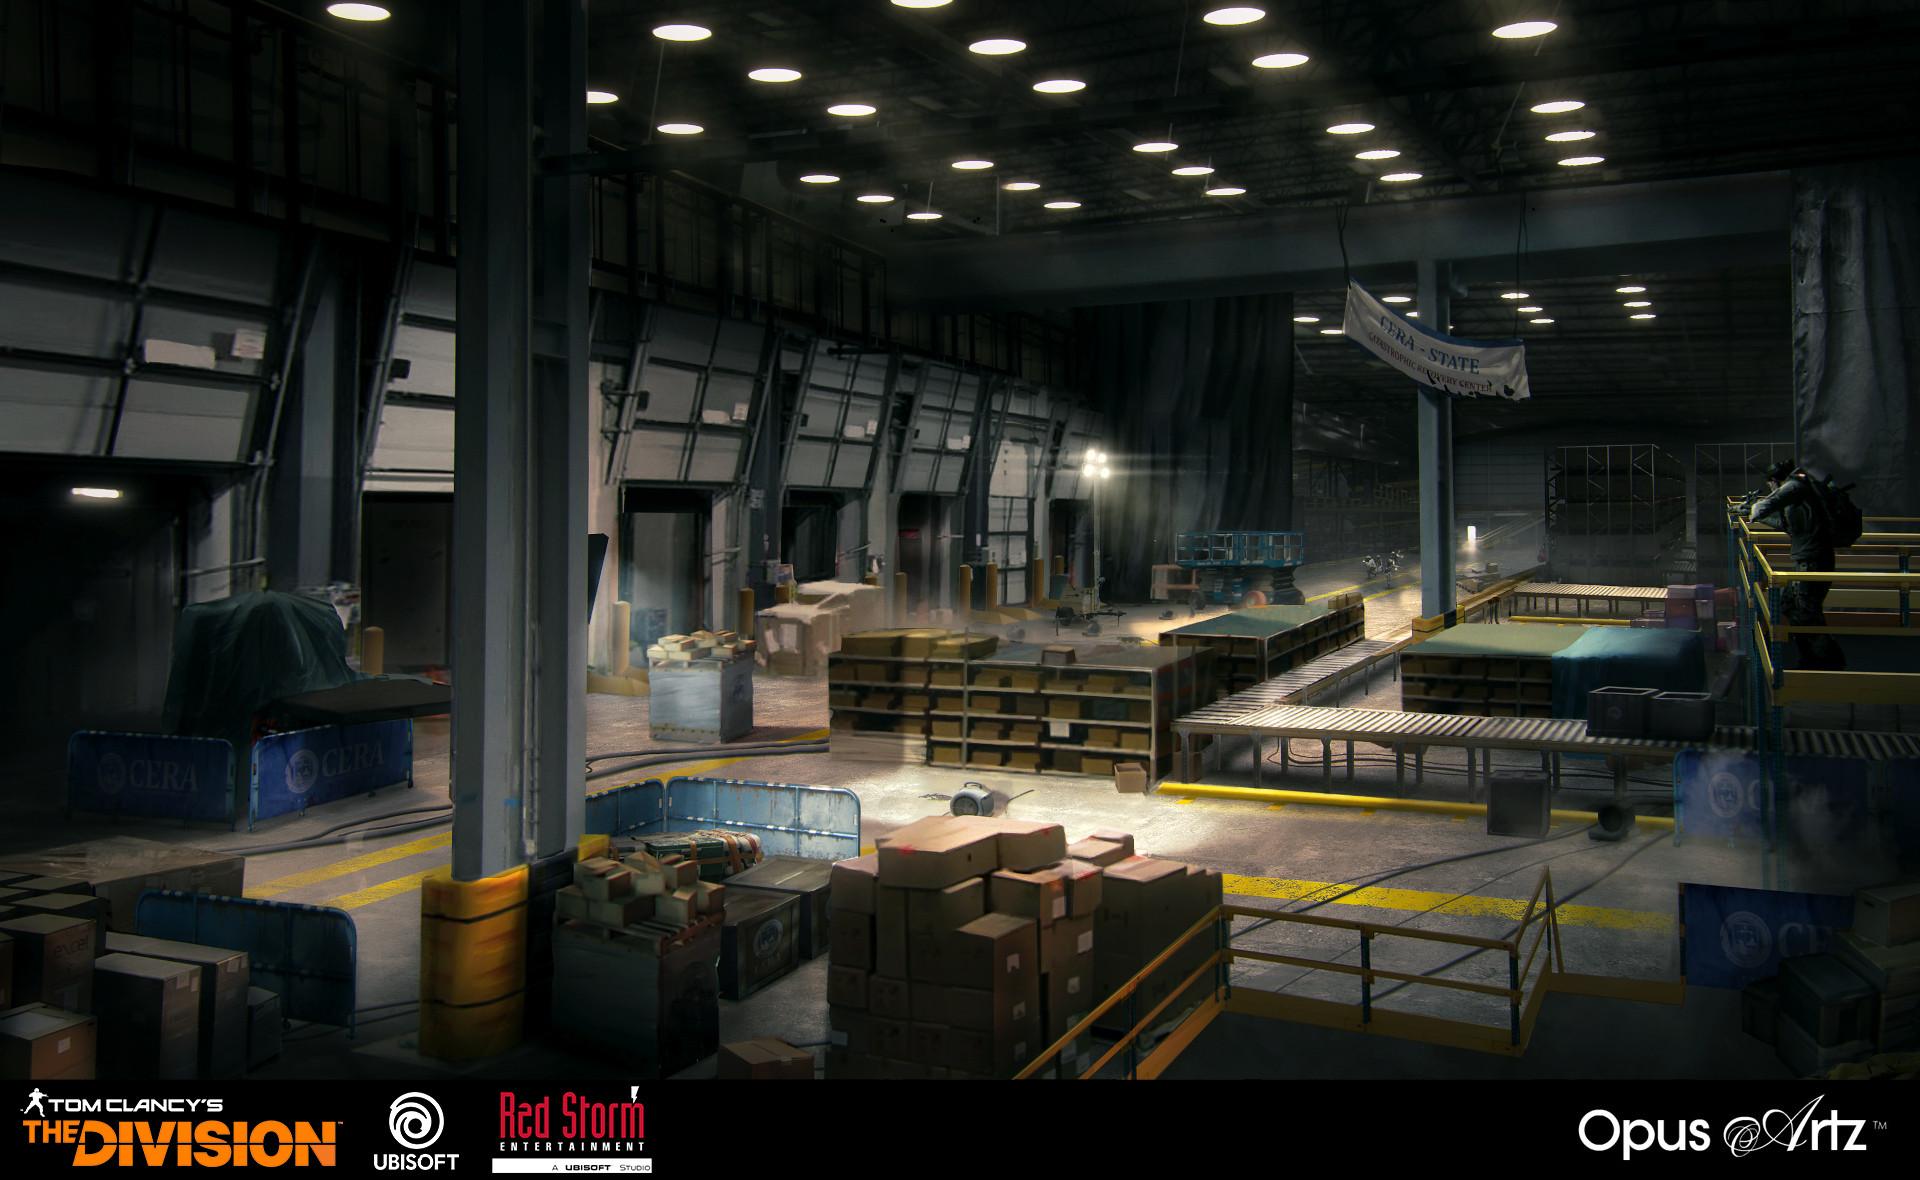 Opus artz shipping bay render